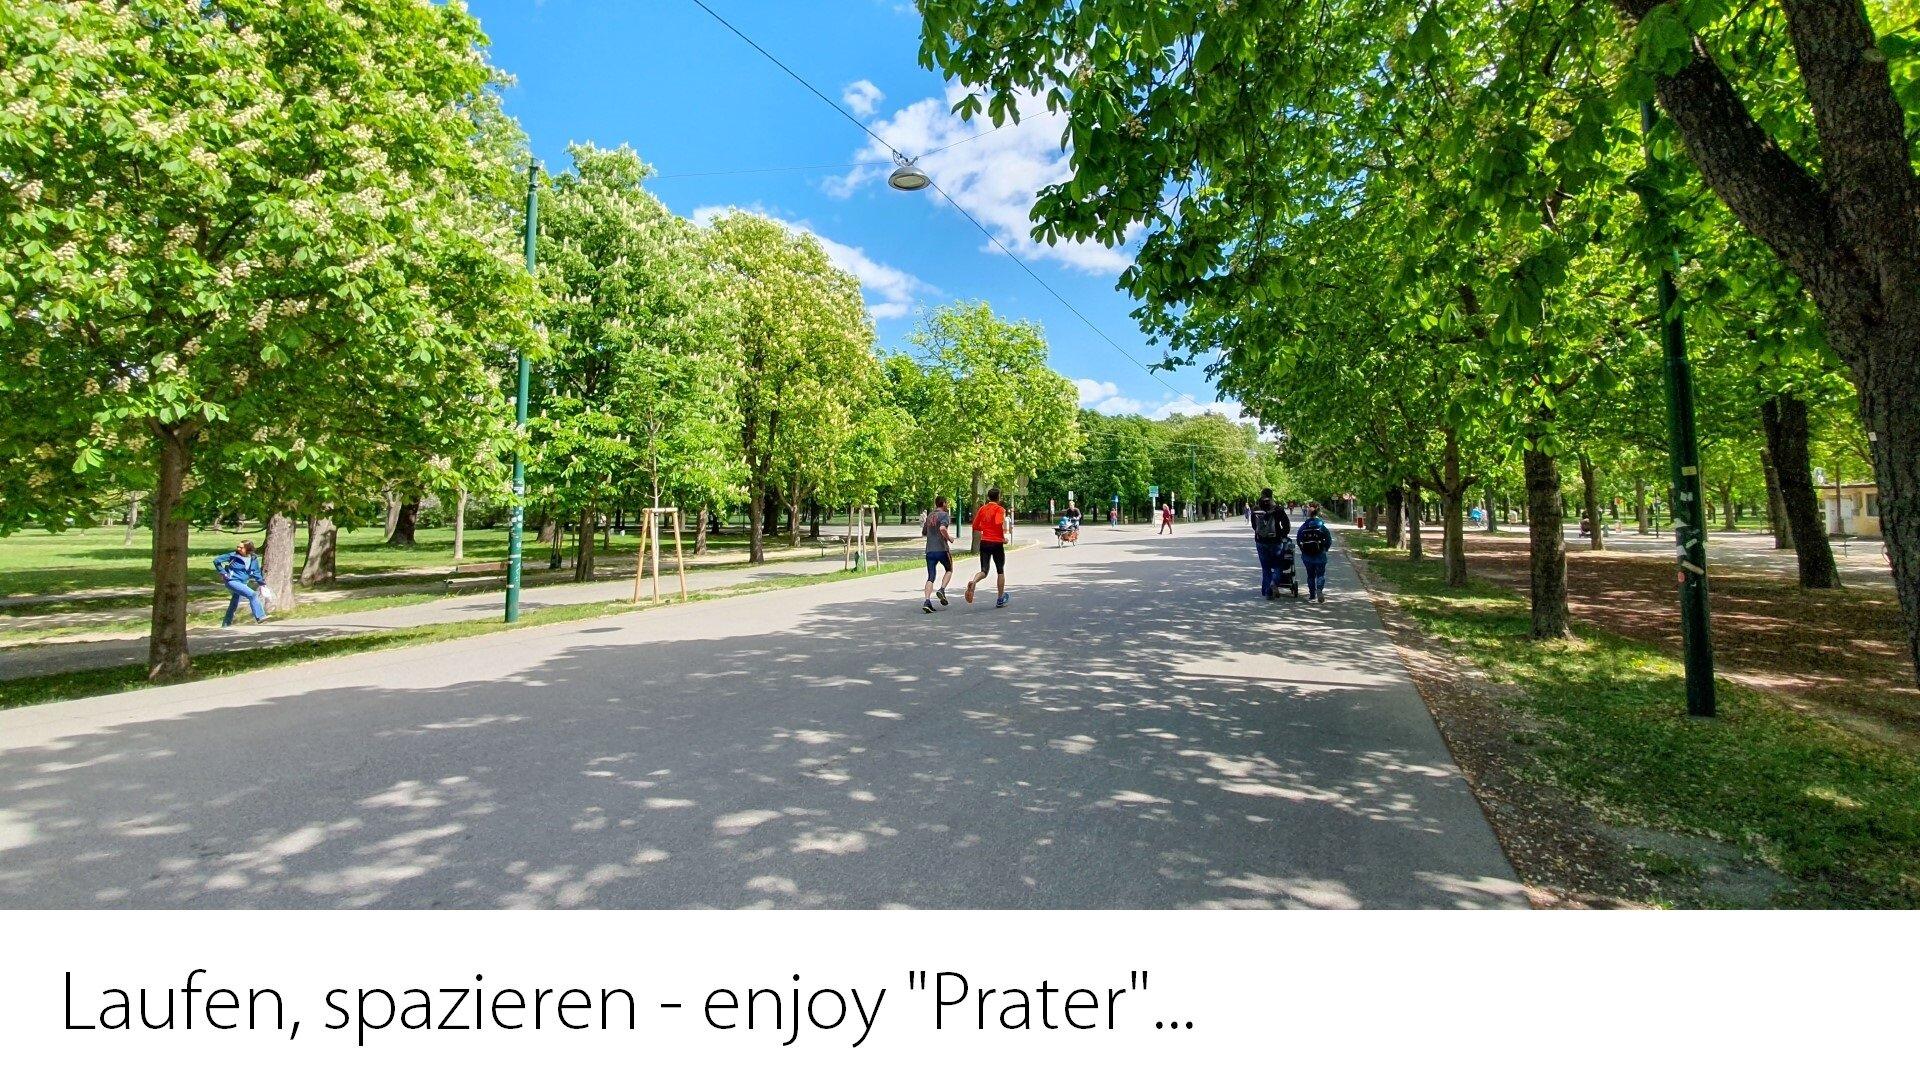 Enjoy Prater